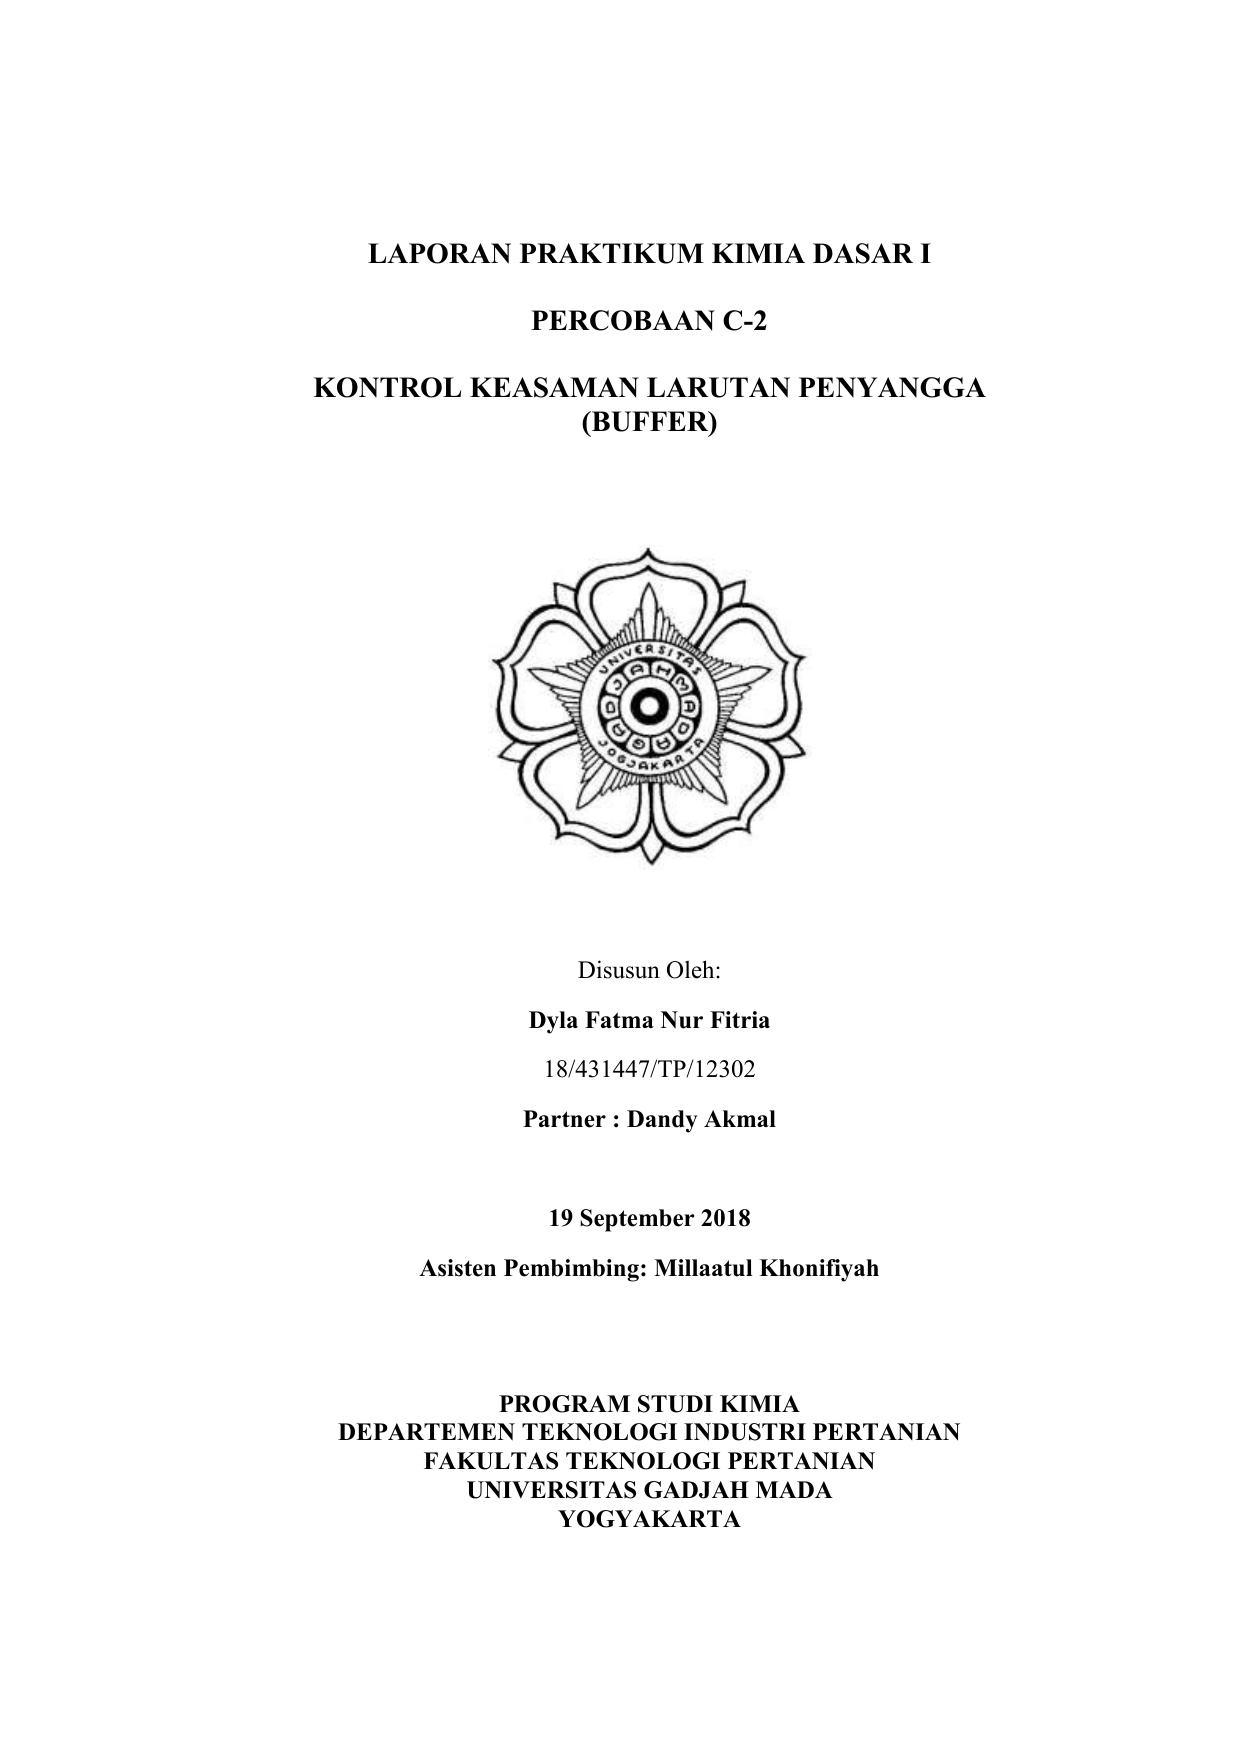 Format Laporan Kimia Dasar I